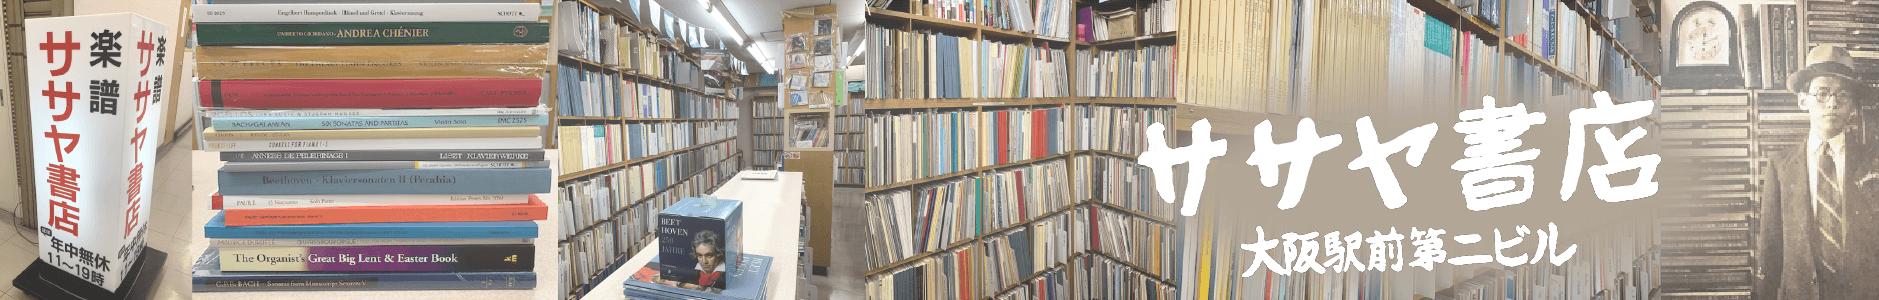 ササヤ書店